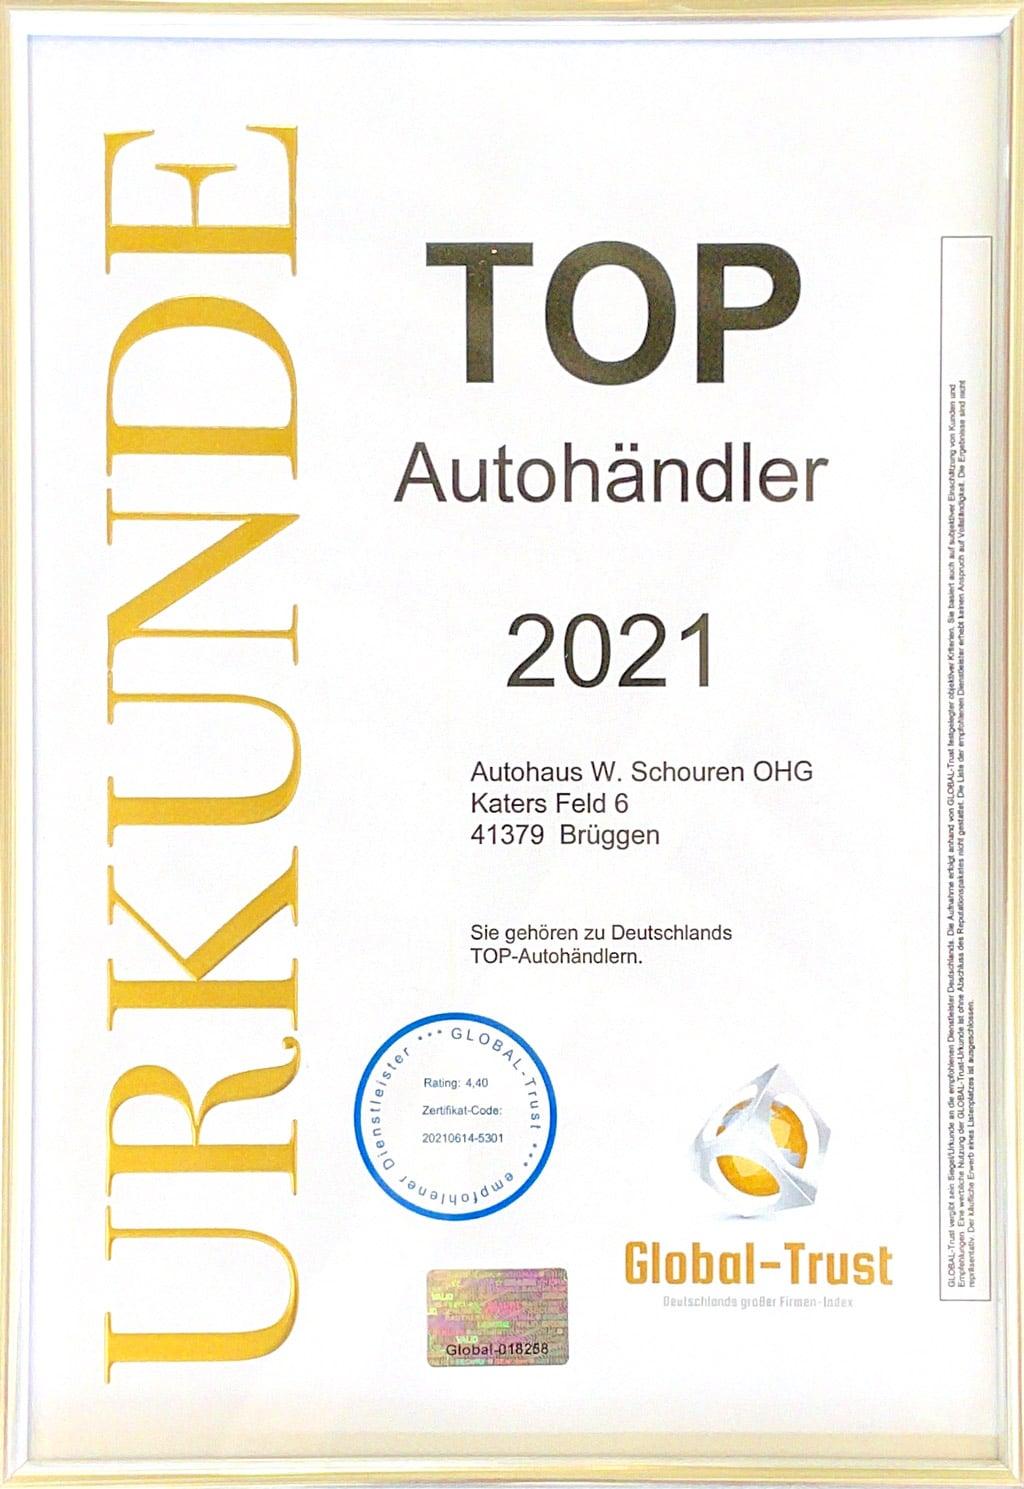 Urkunde Top Autohändler 2021 Autohaus Schouren